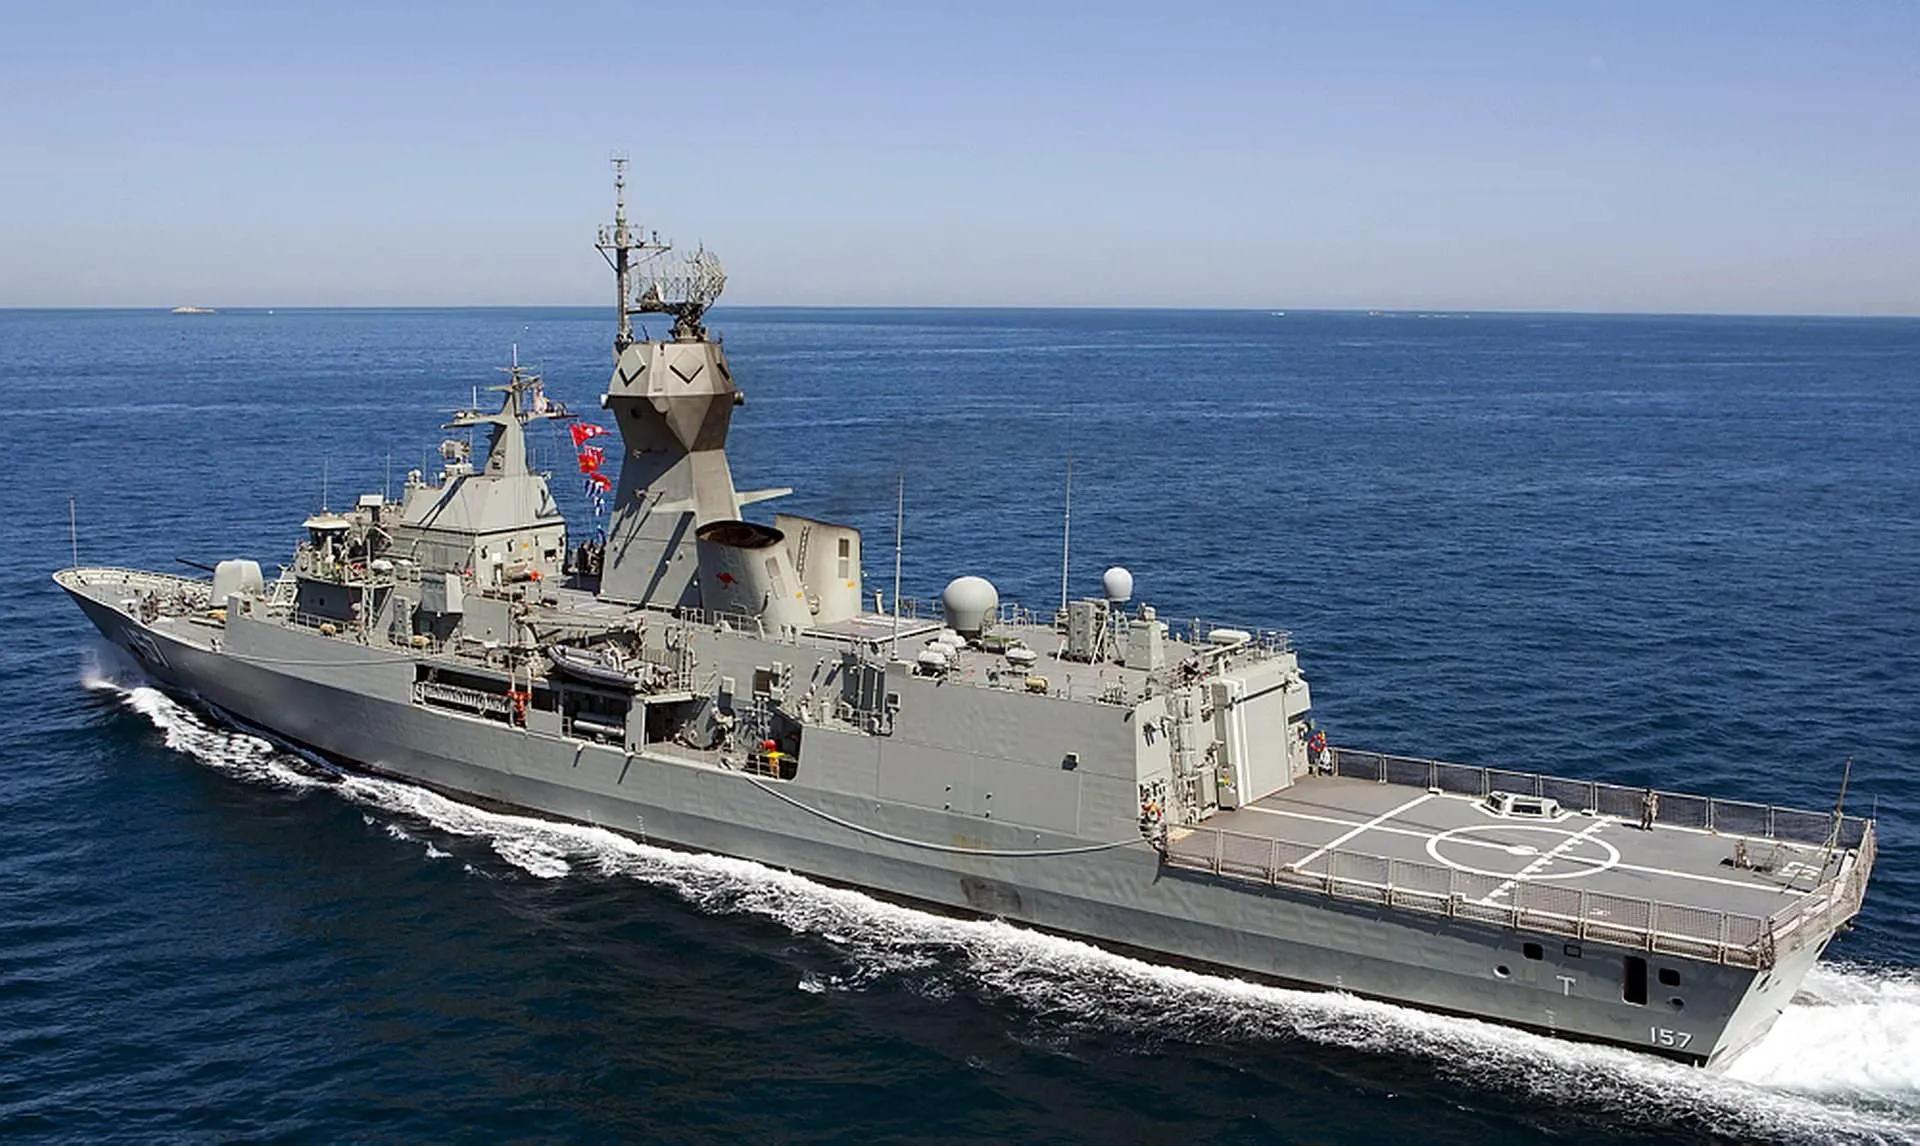 澳大利亚:美国与我并肩作战,中国:第三轮制裁已开始生效